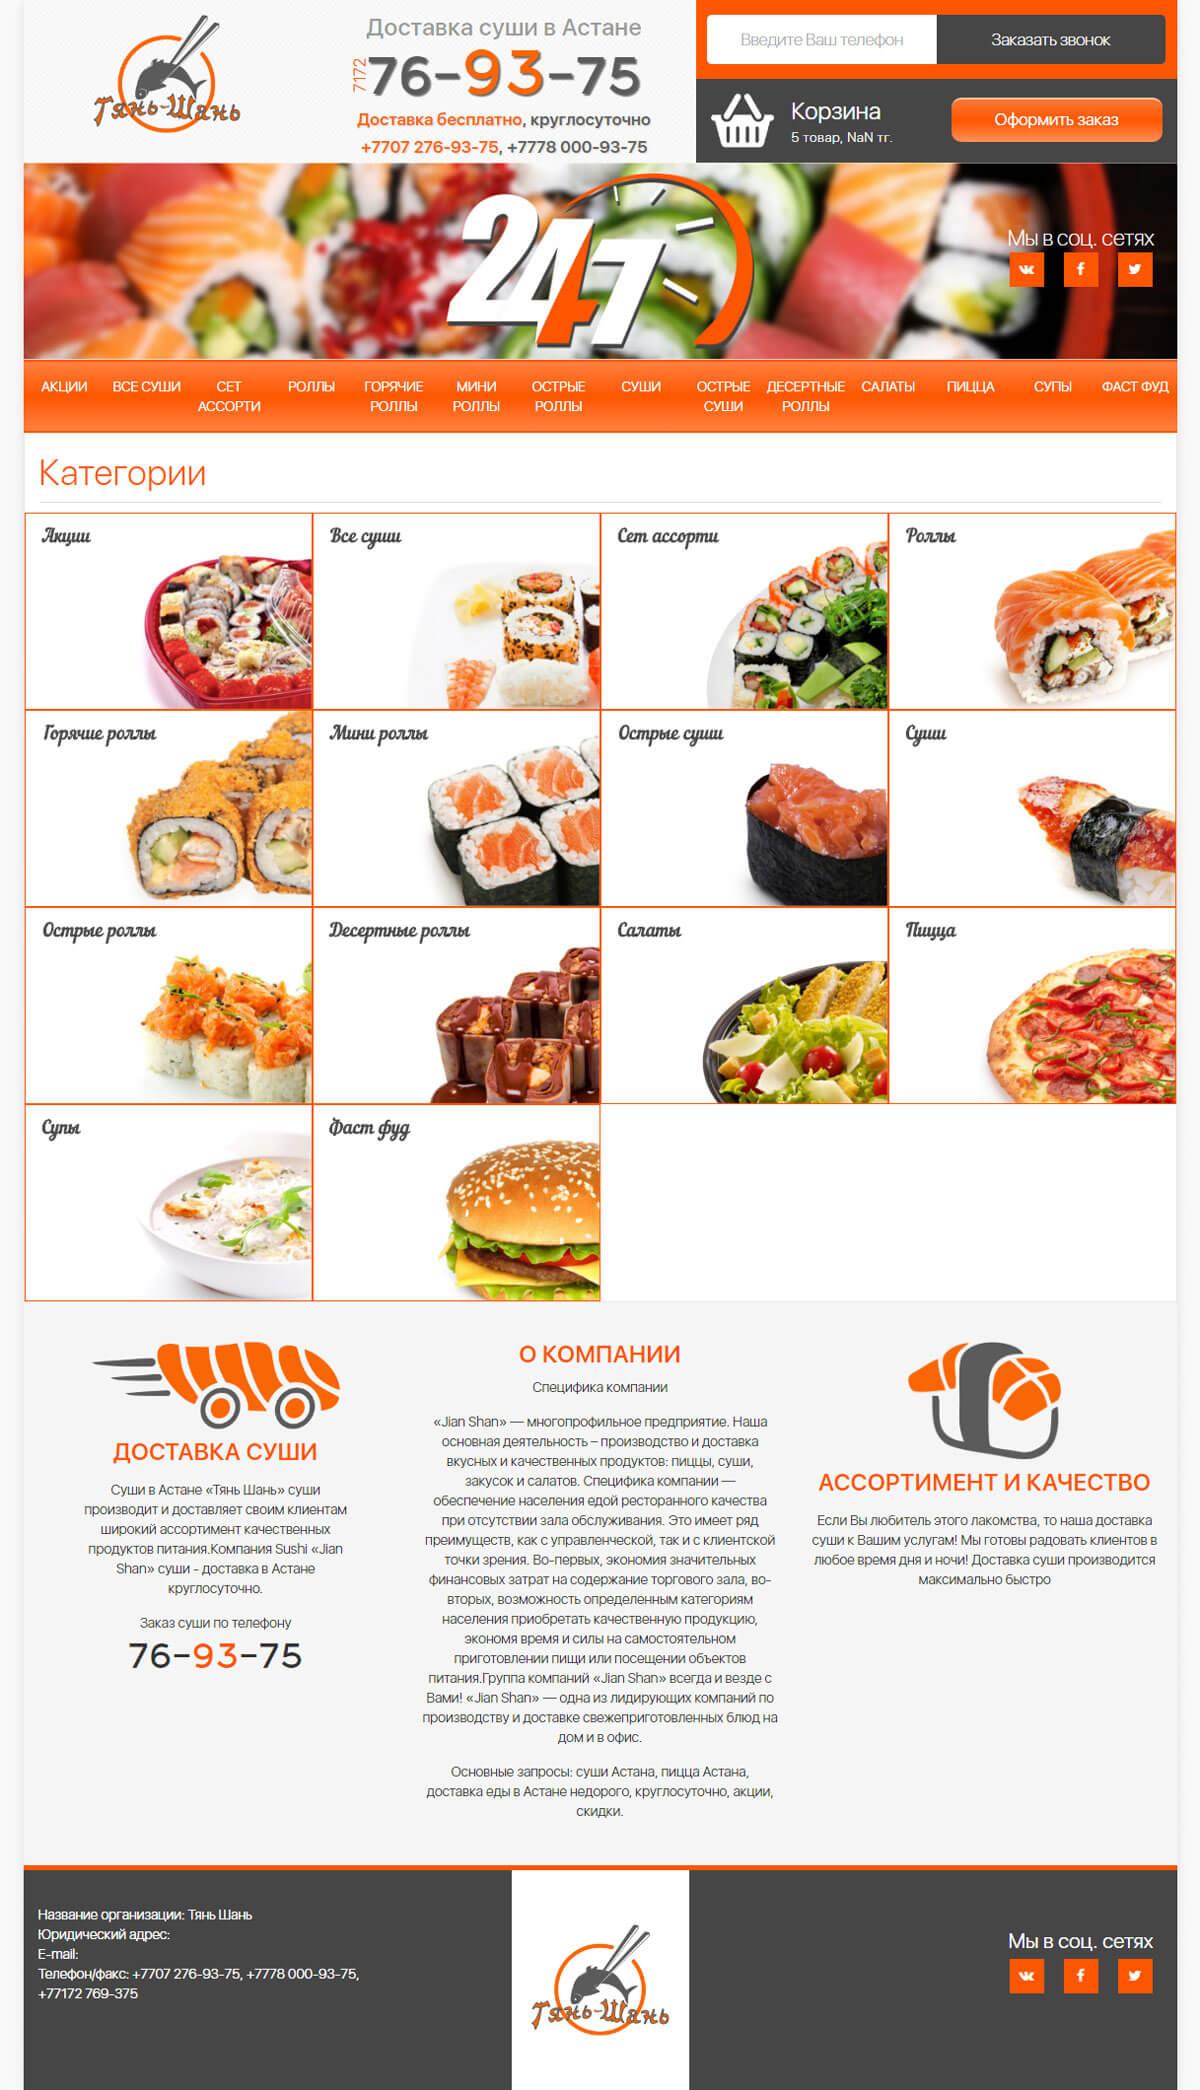 dostavka-sushi-v-astane-24-7-astana